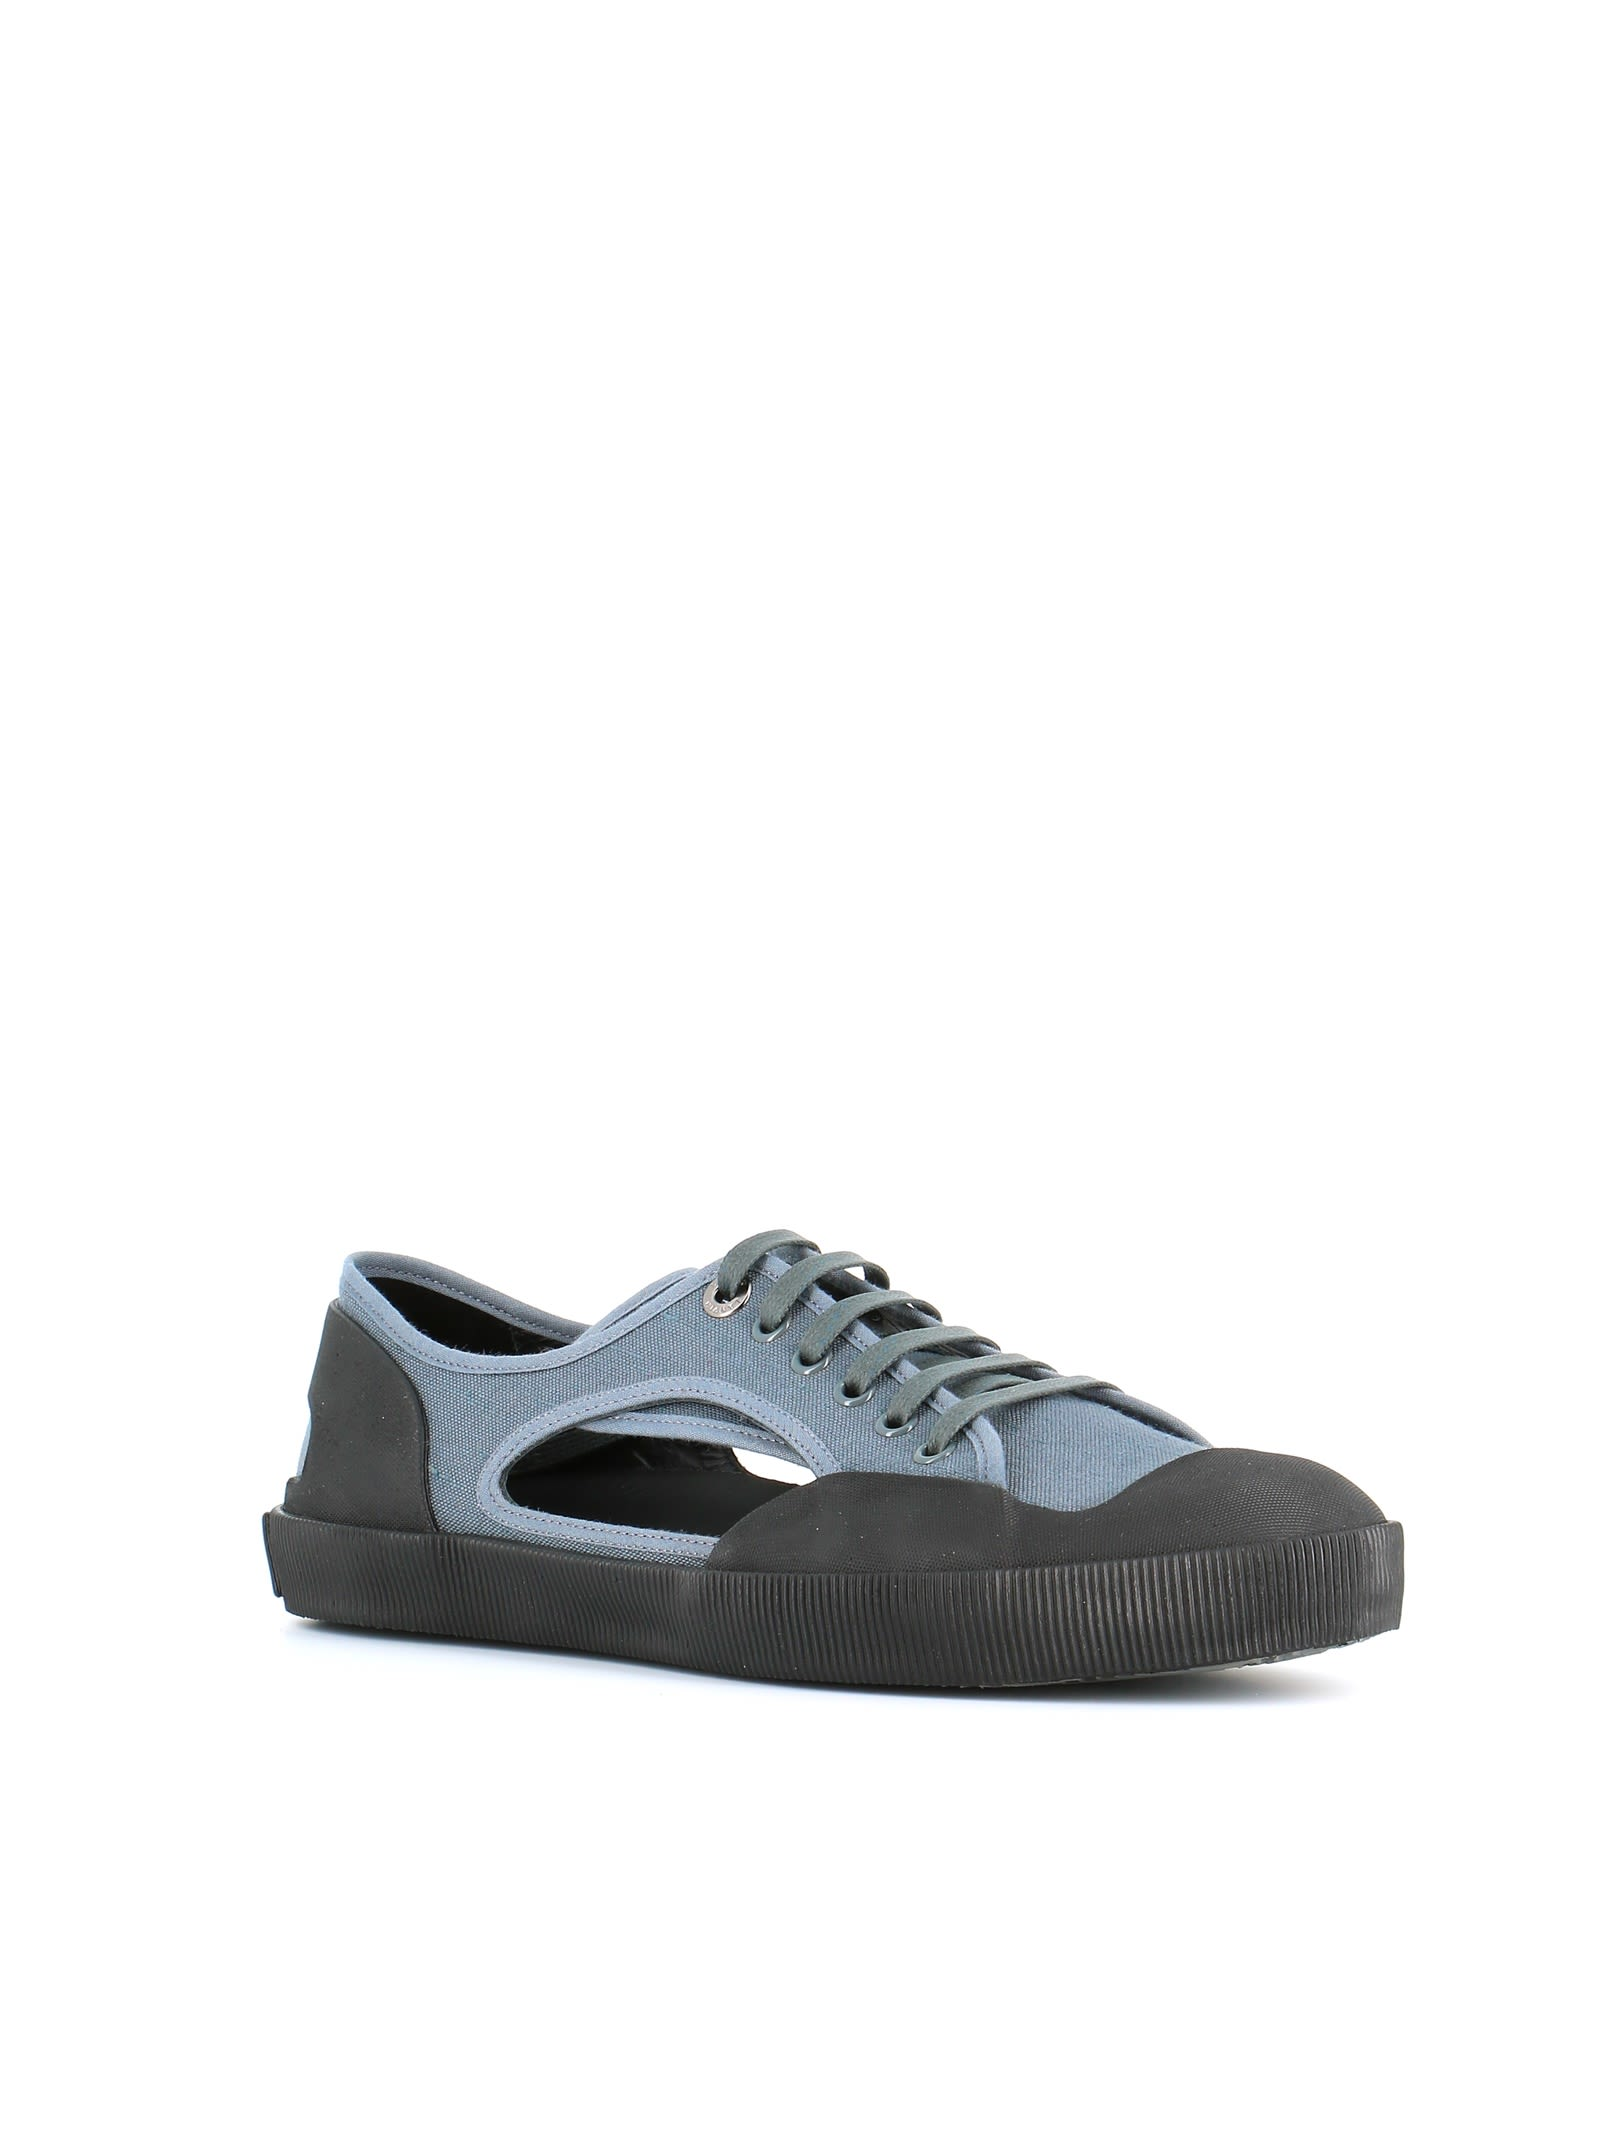 LanvinOpen Low Top Sneakers tMEZlO27